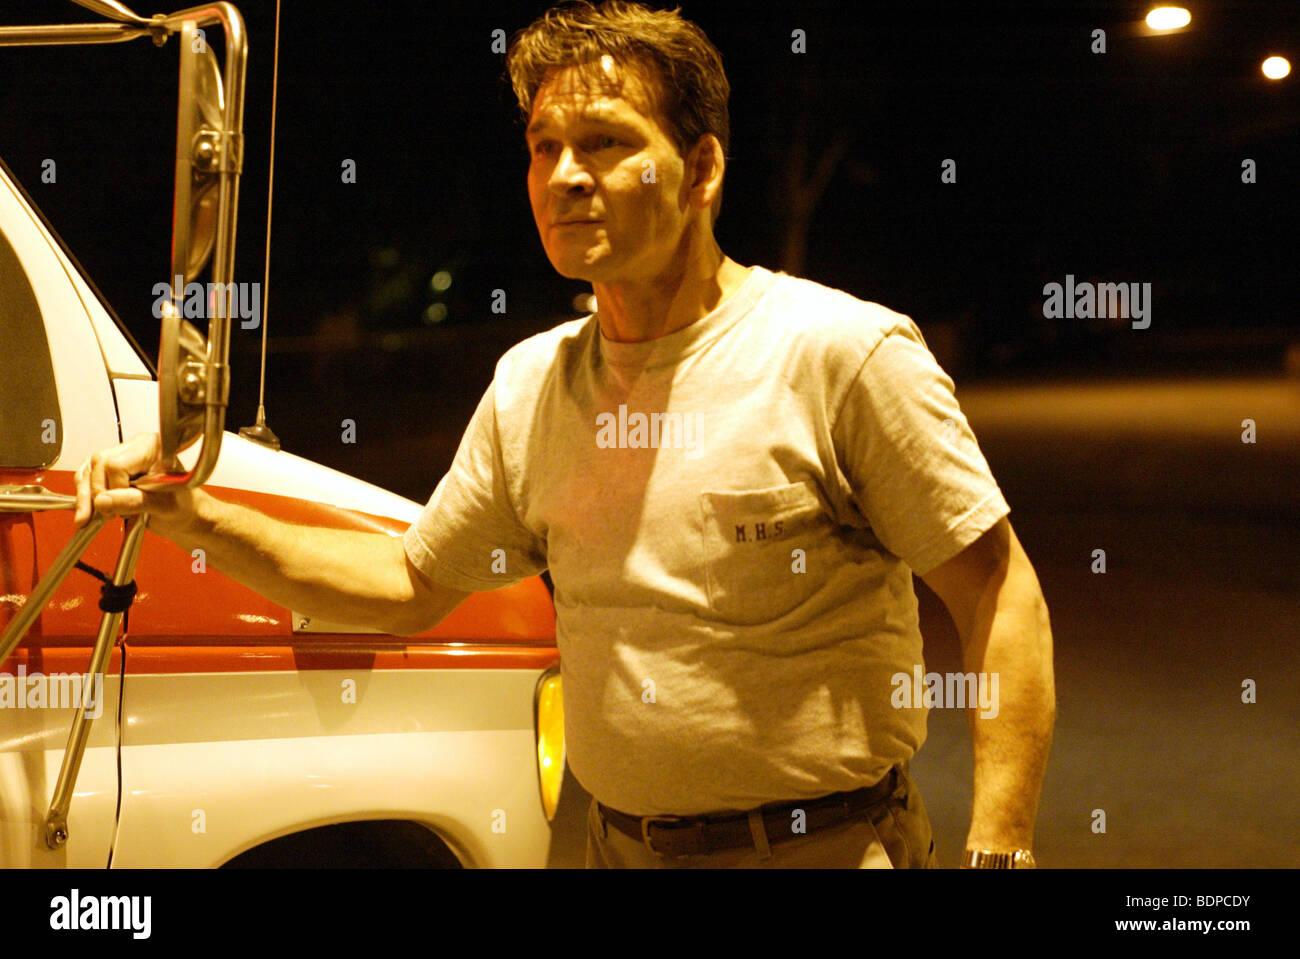 11.14 Année: 2004 Réalisateur: Greg Marcks Patrick Swayze Photo Stock